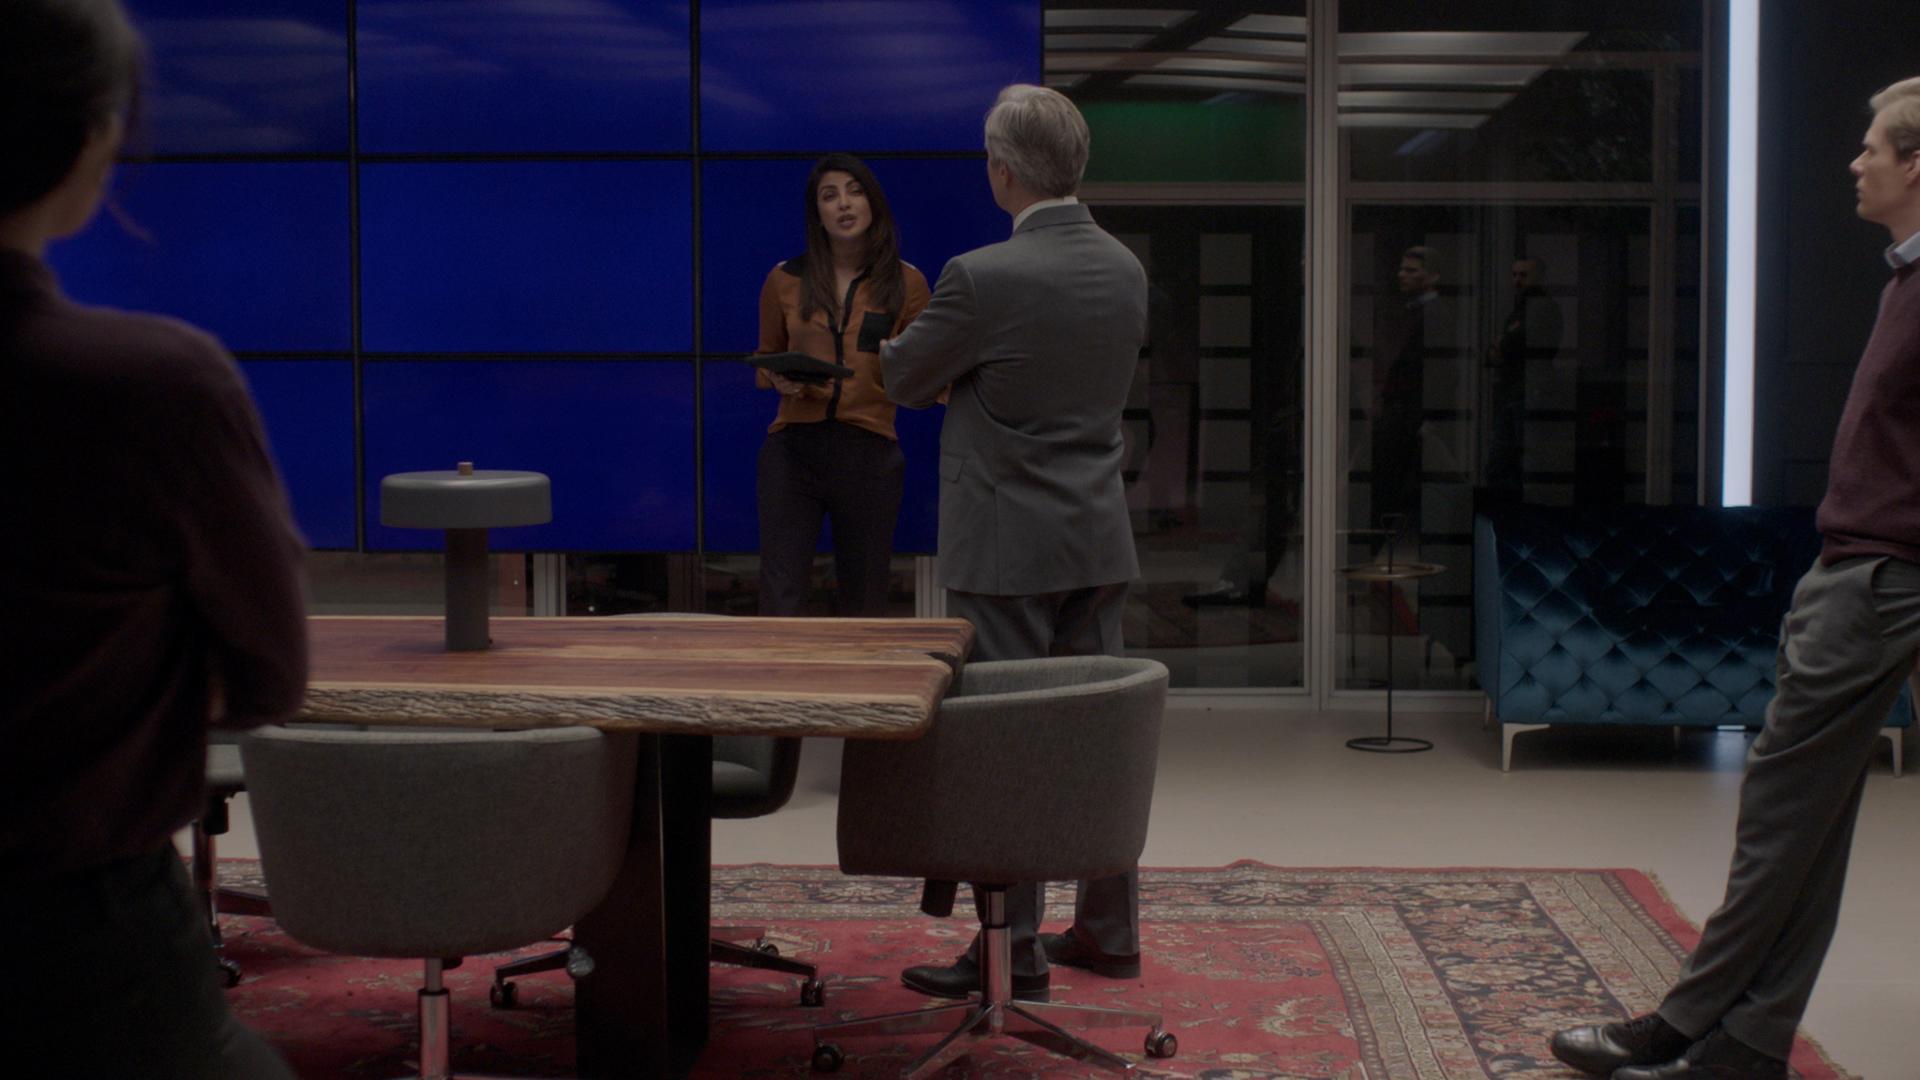 Actors in front of blue screen